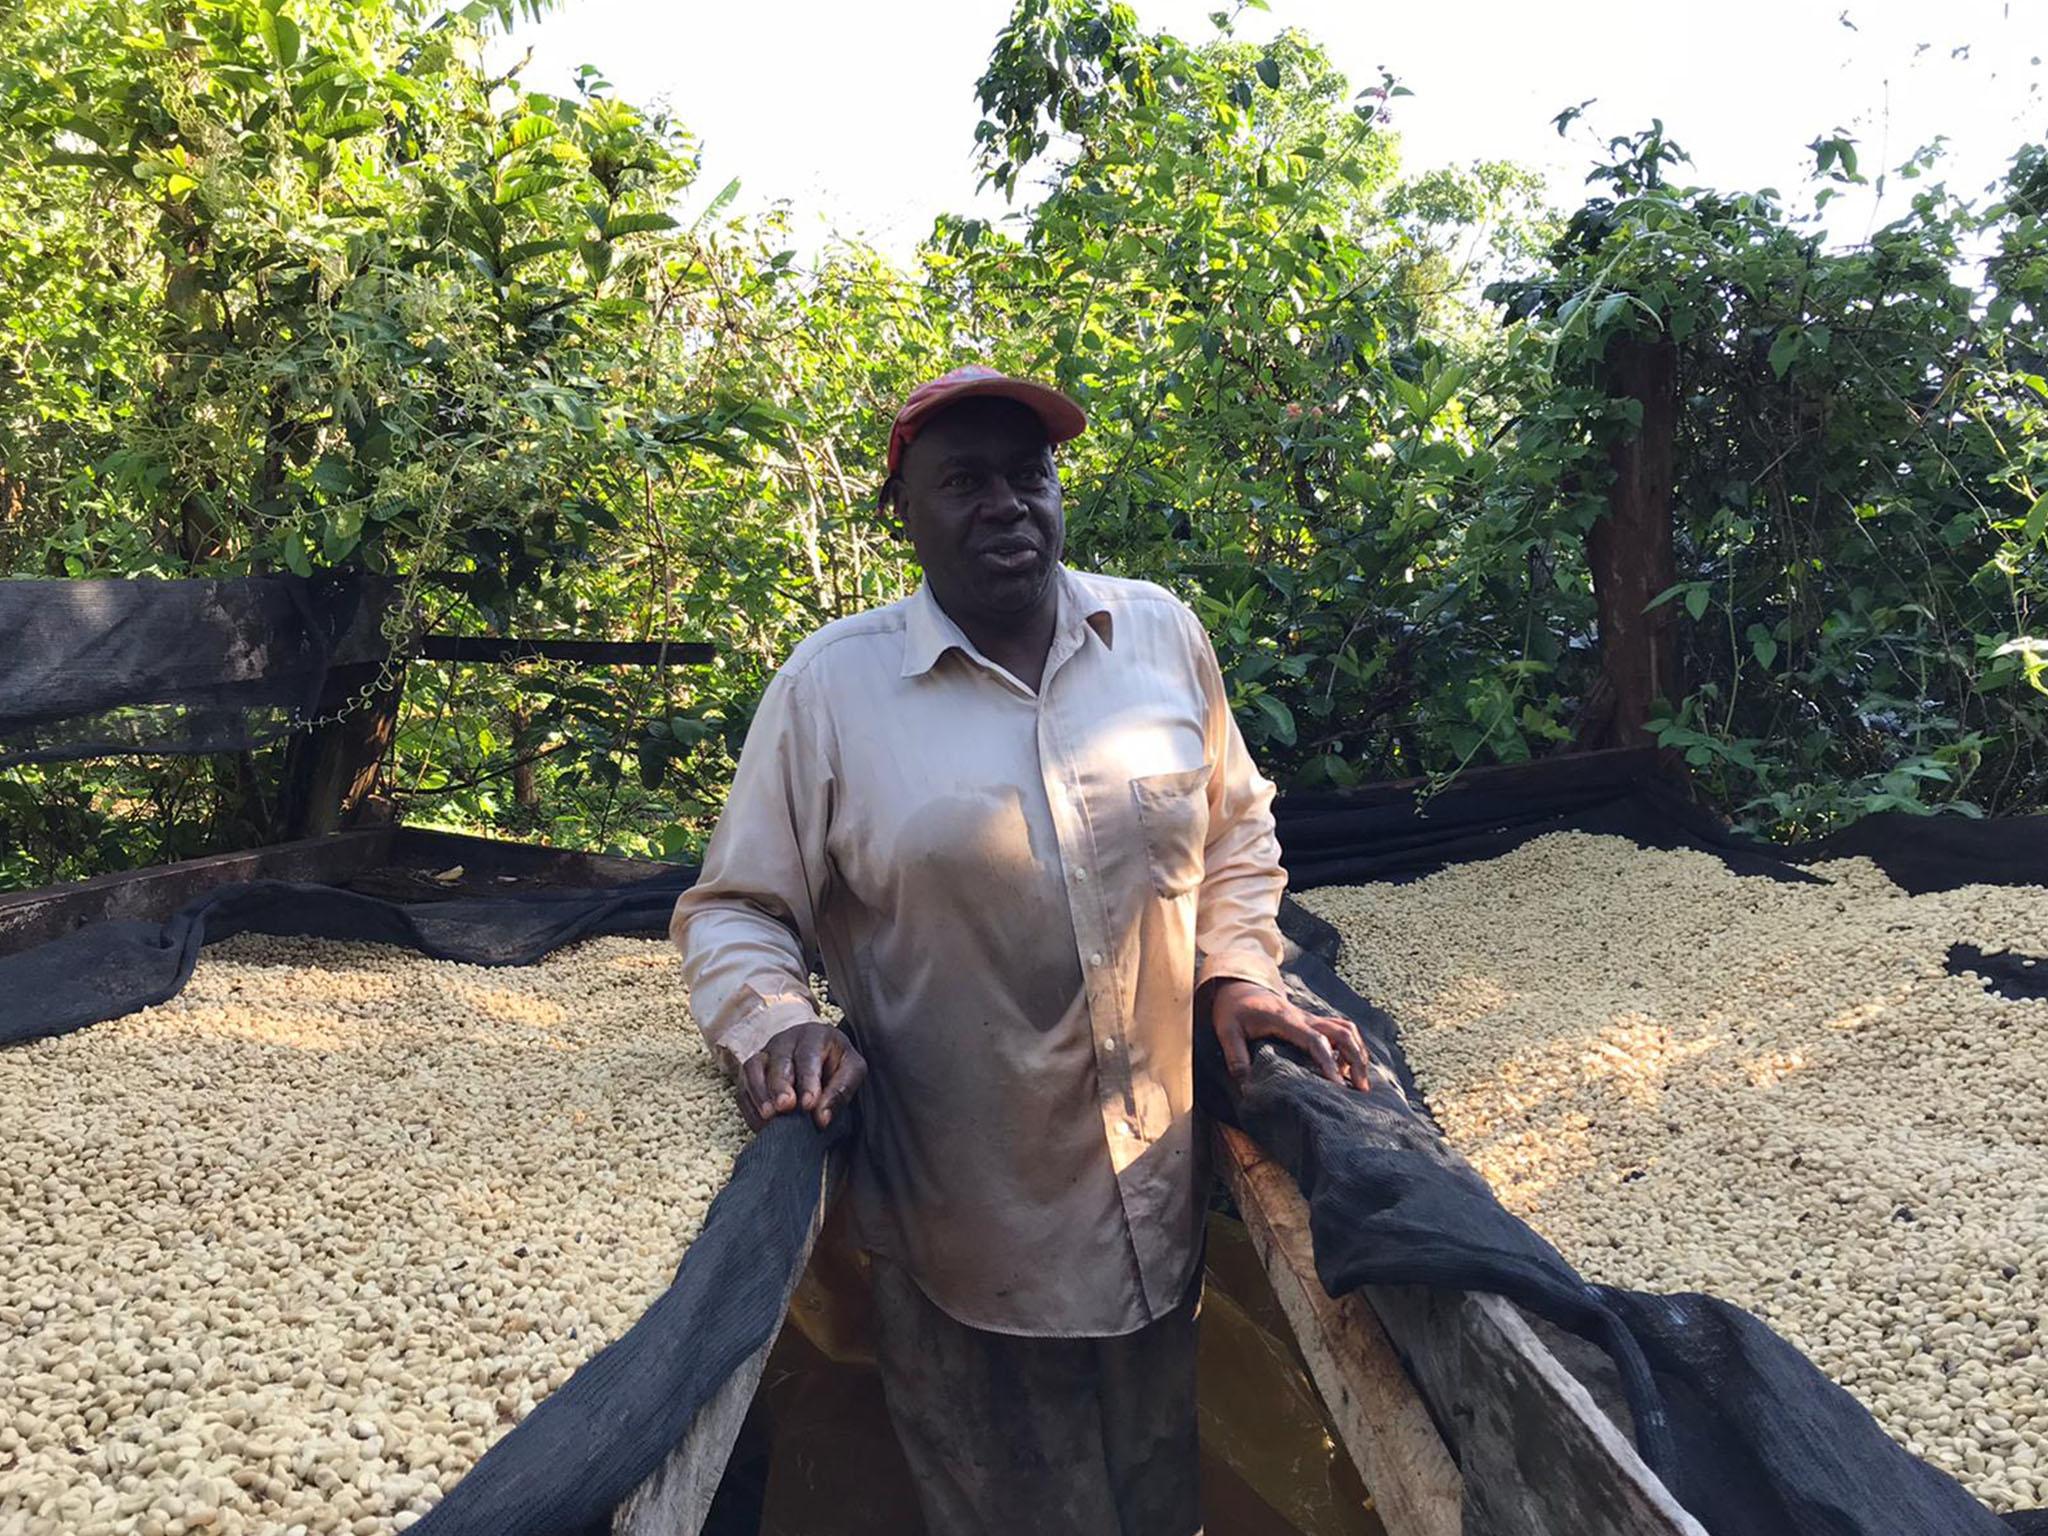 Anbassa Artisan Torrefacteur Cafe Grands Terroirs Nyeri Mbari Kenya Img 3